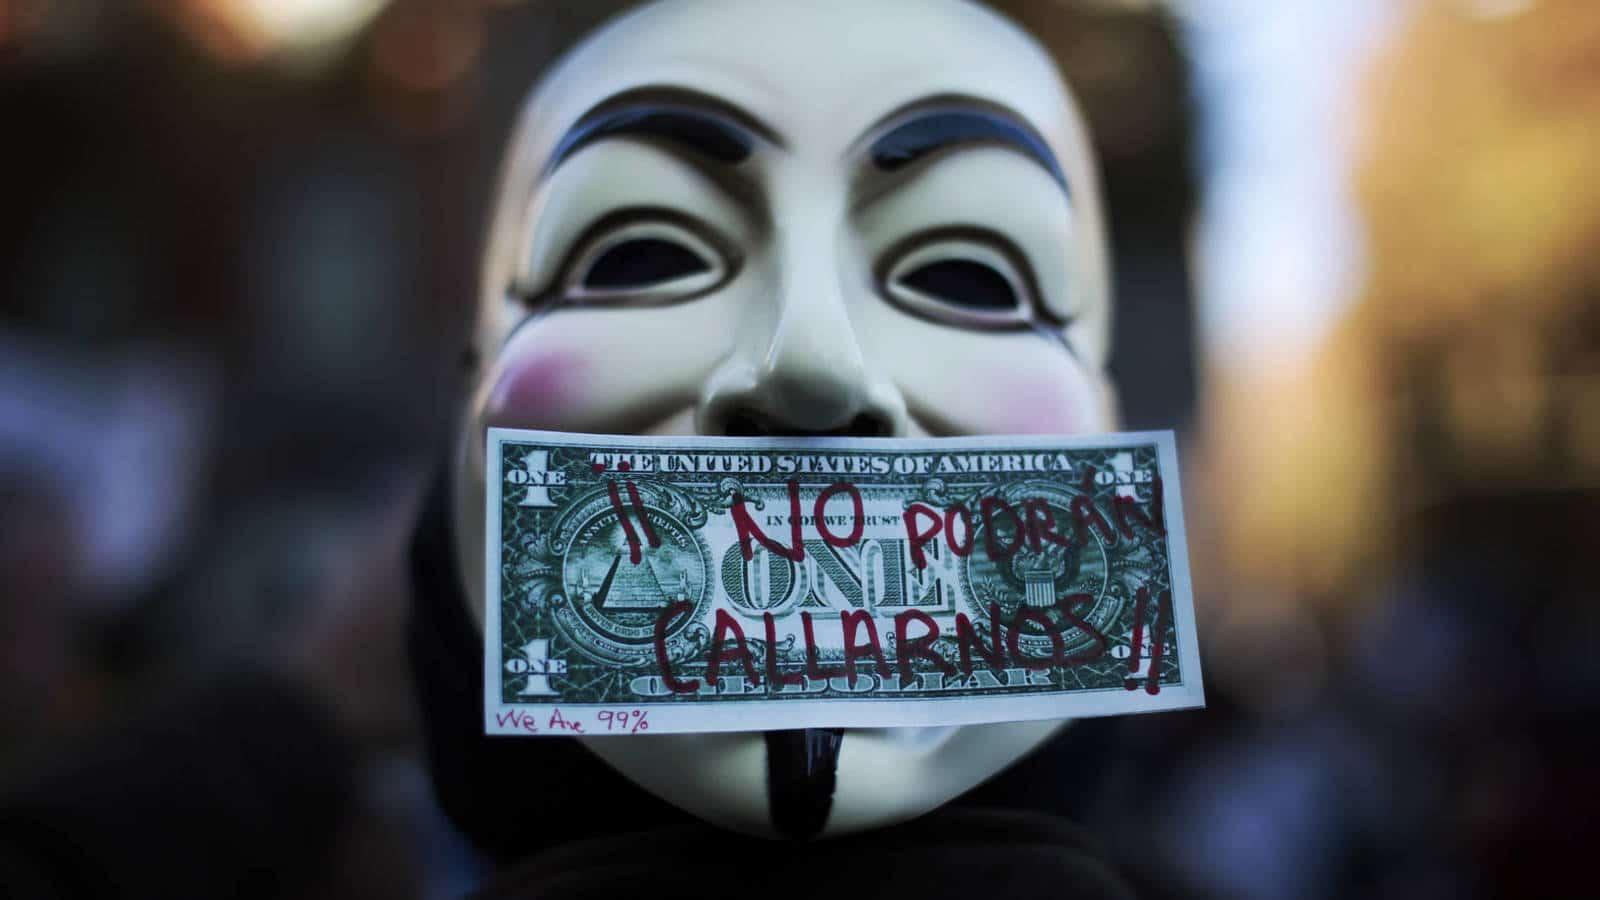 Grupo hacktivista Anonymous promete justiça ao caso George Floyd